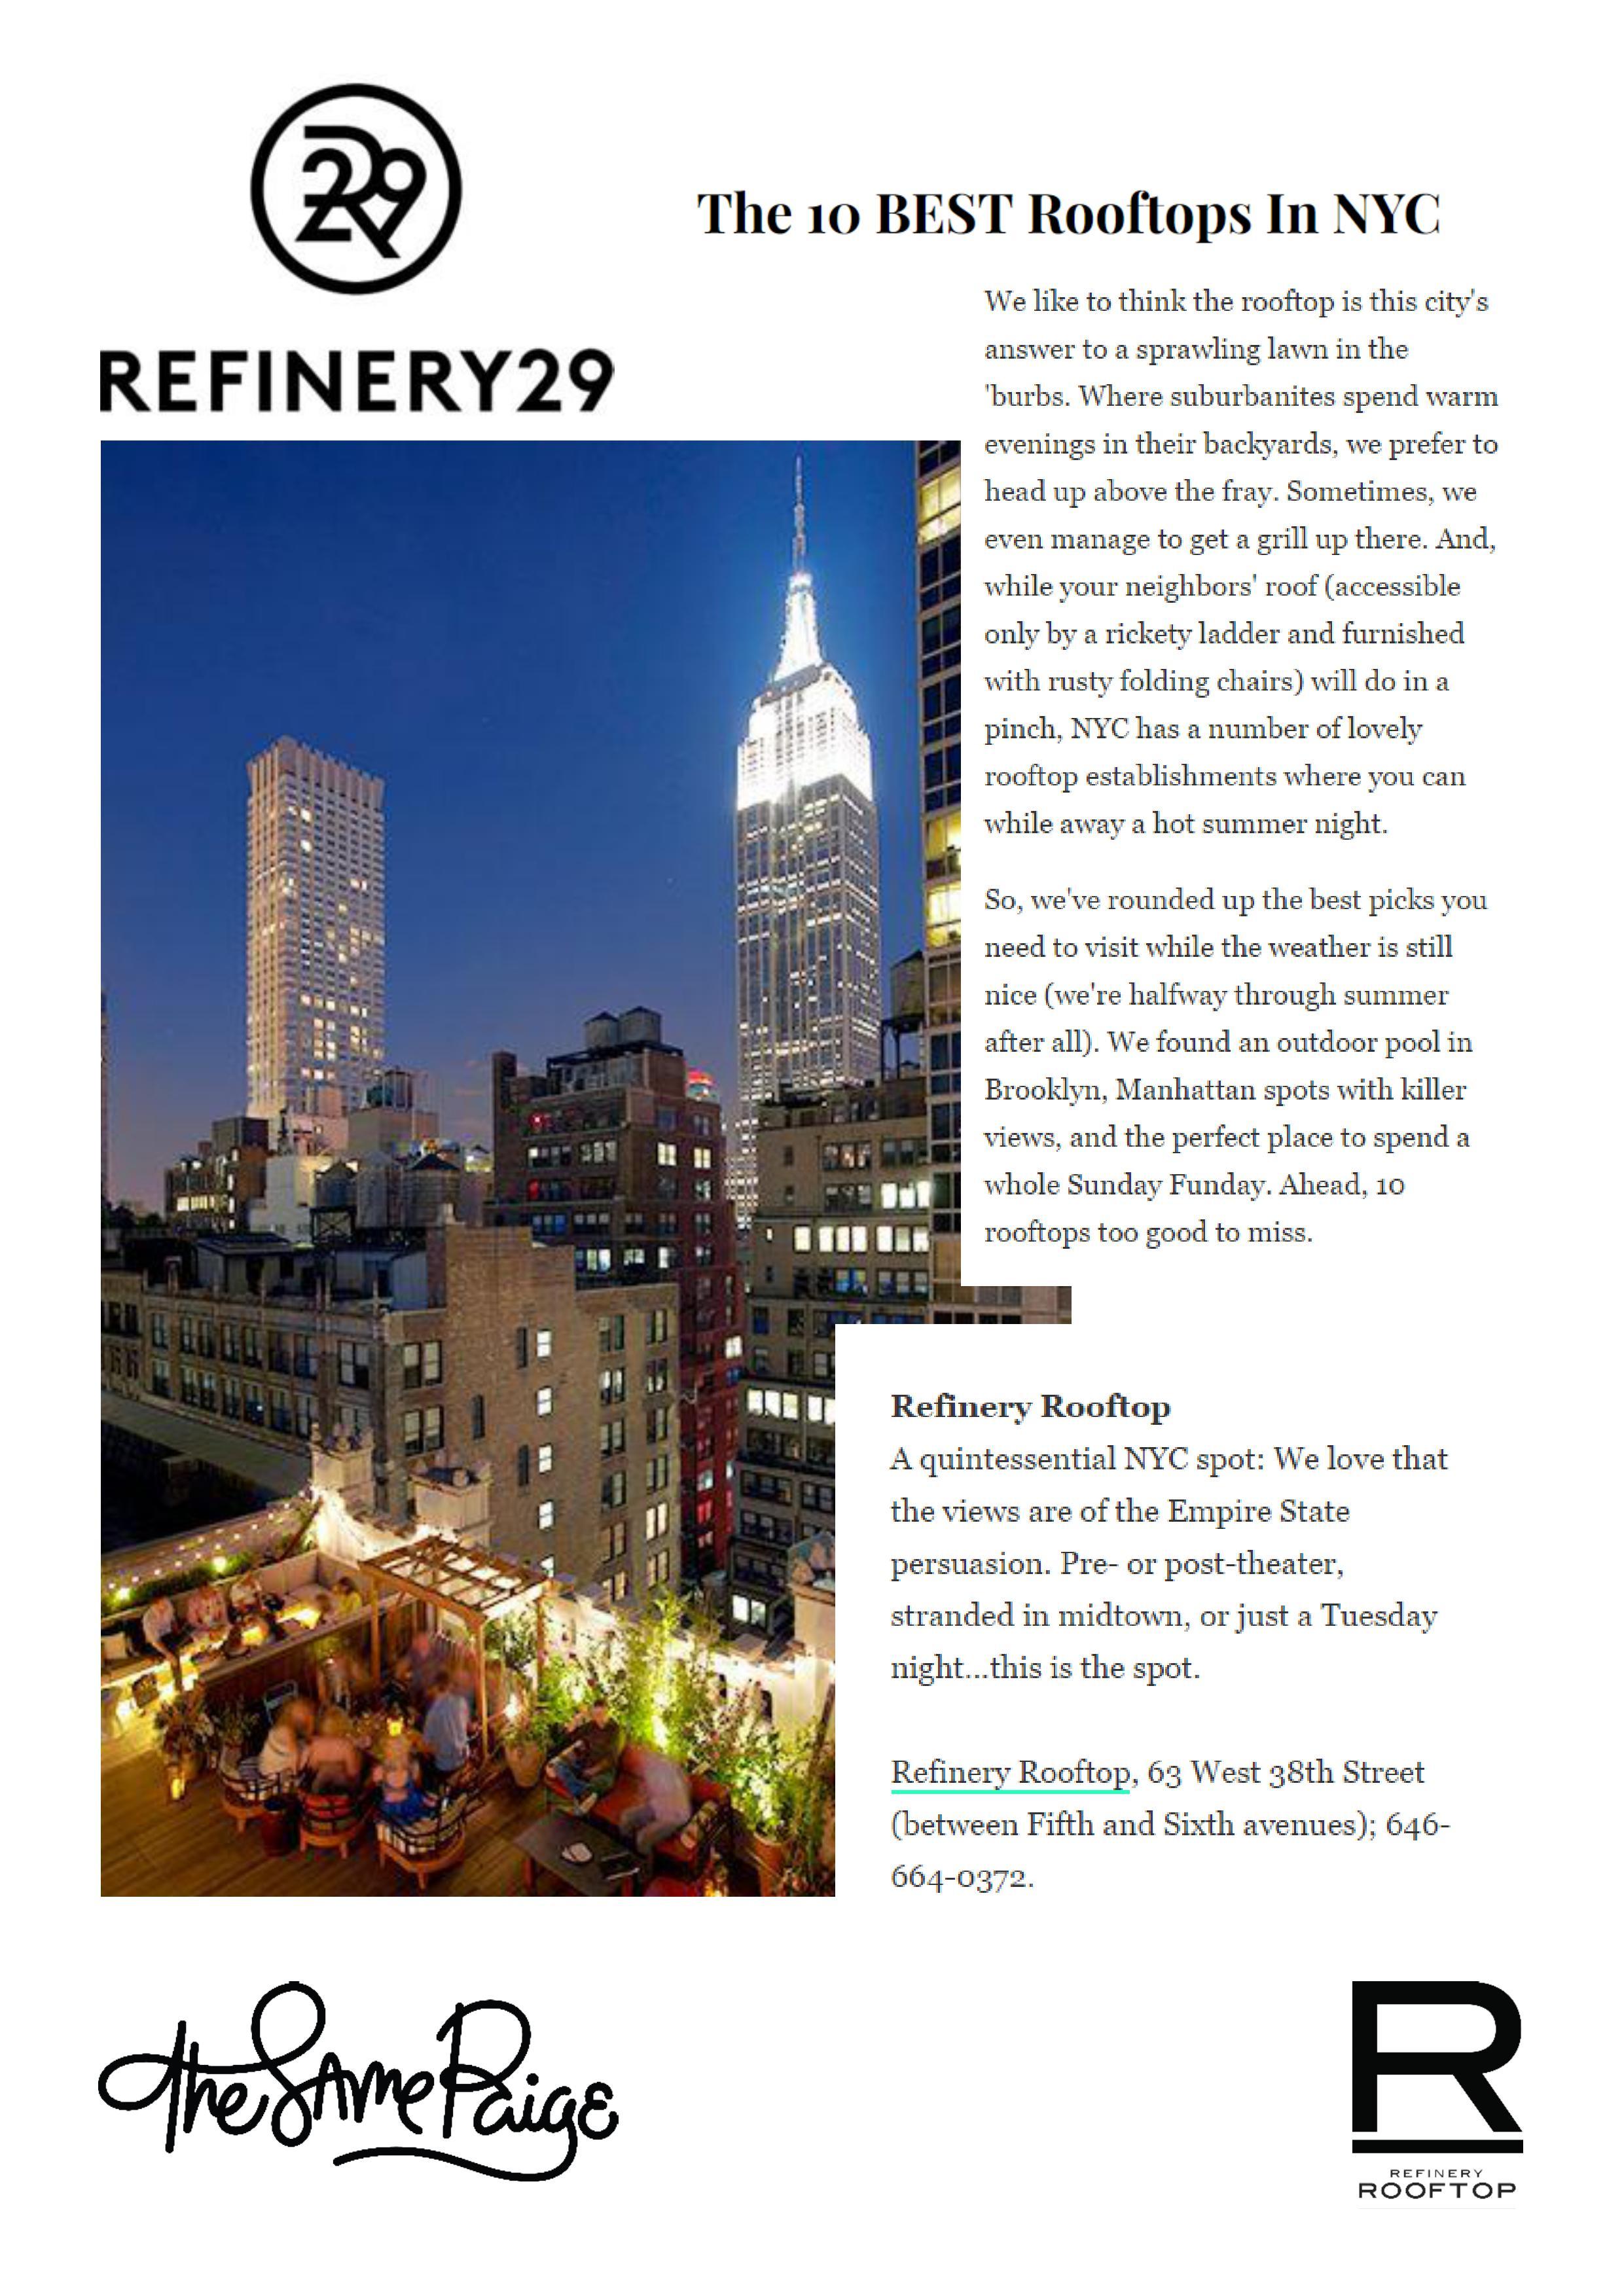 Refinery29_Refinery Roftop_Jun'17.jpg